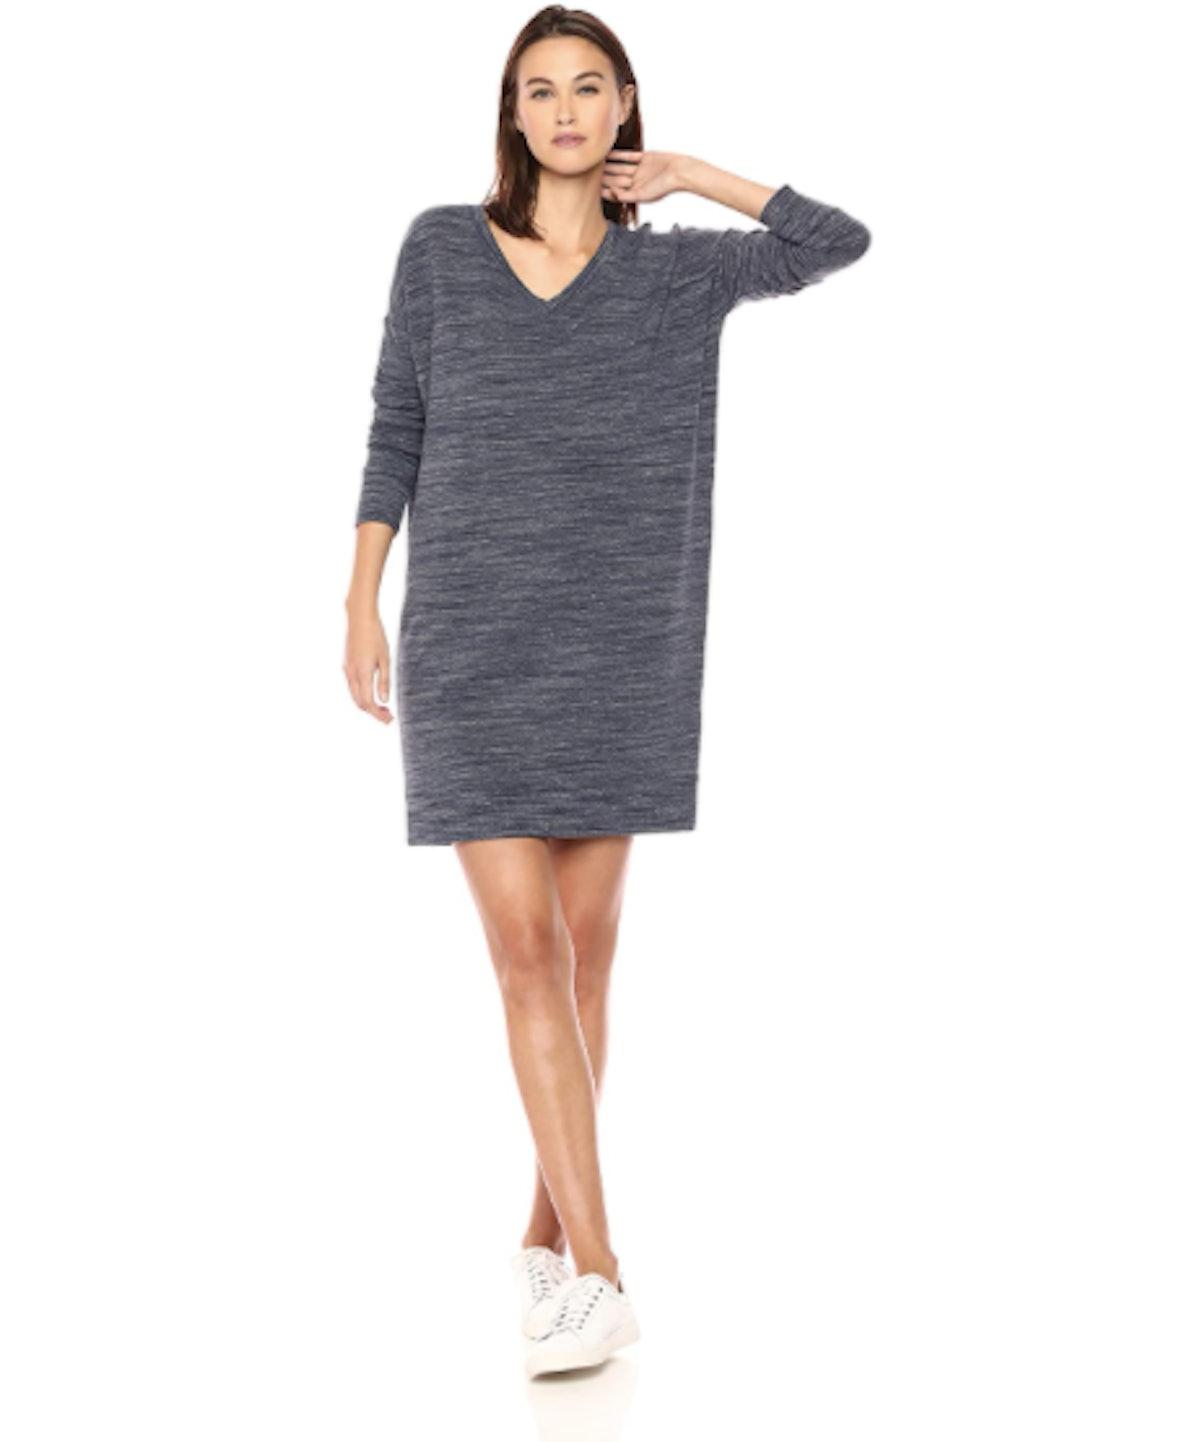 Daily Ritual Sweatshirt Dress